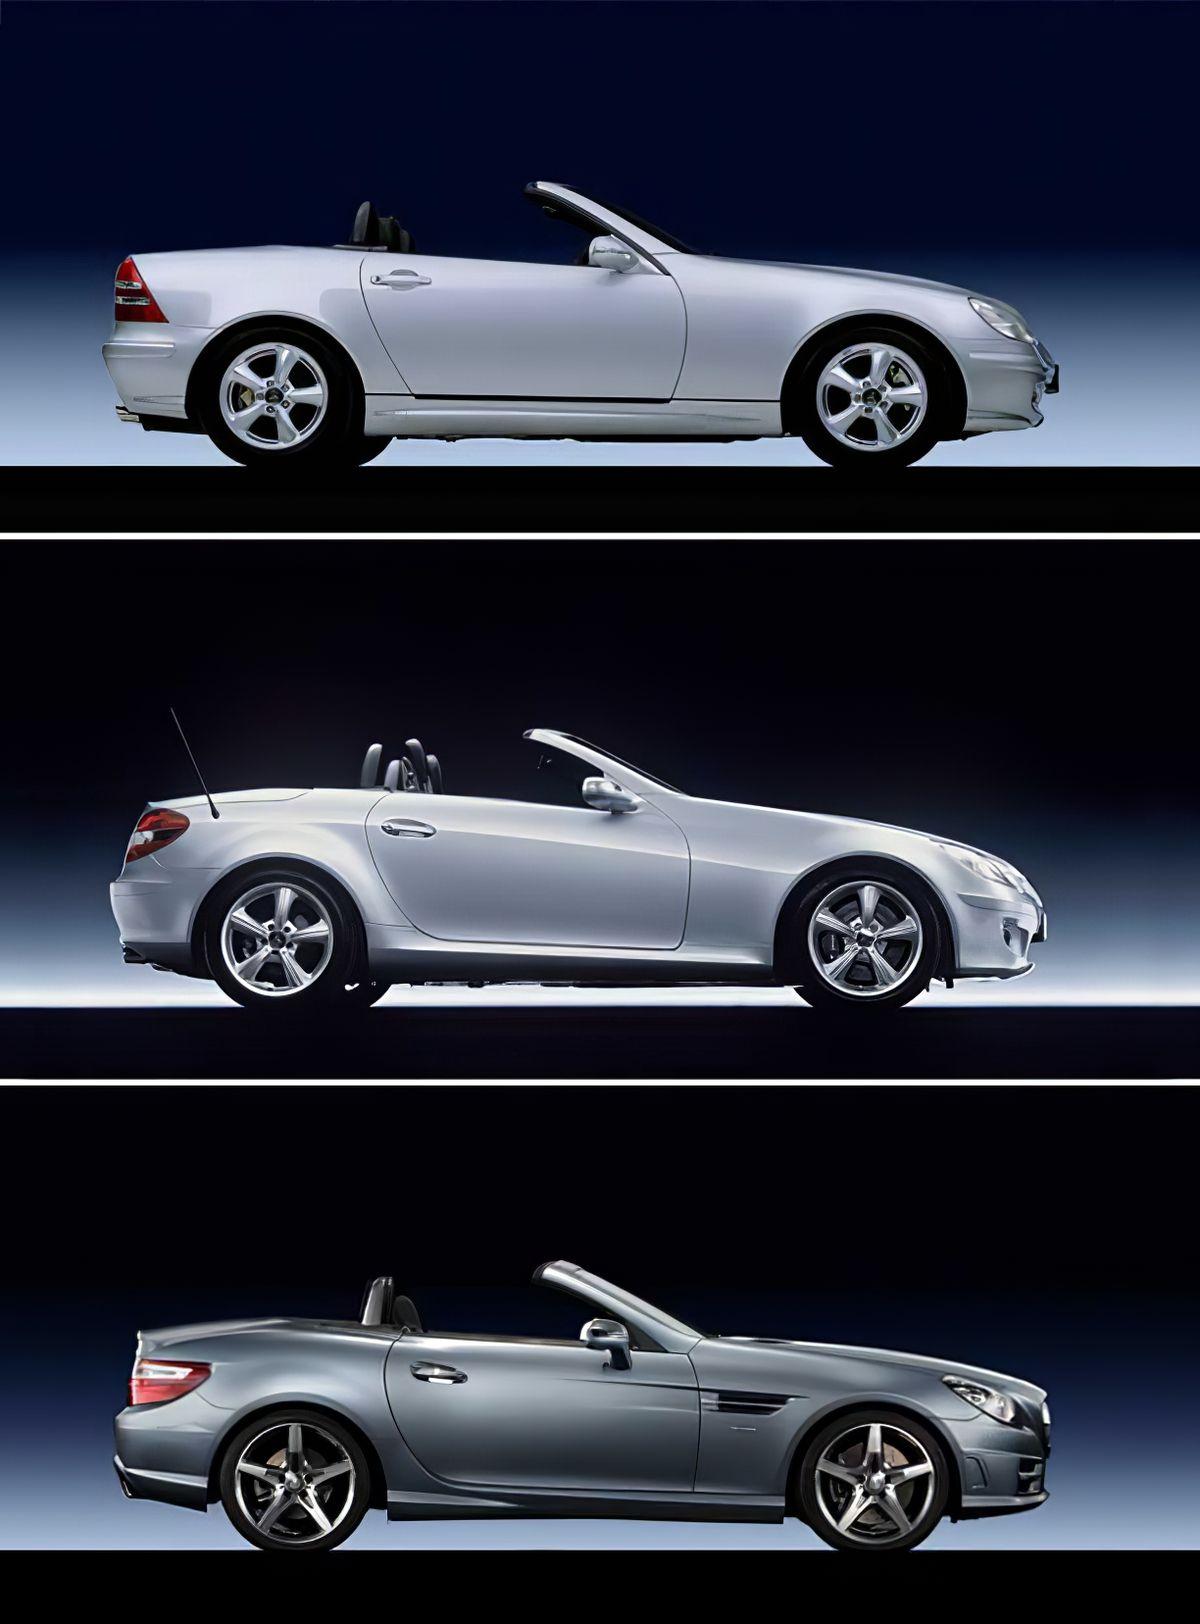 Mercedes Benz Slk Evolution R170 R171 R172 With Images